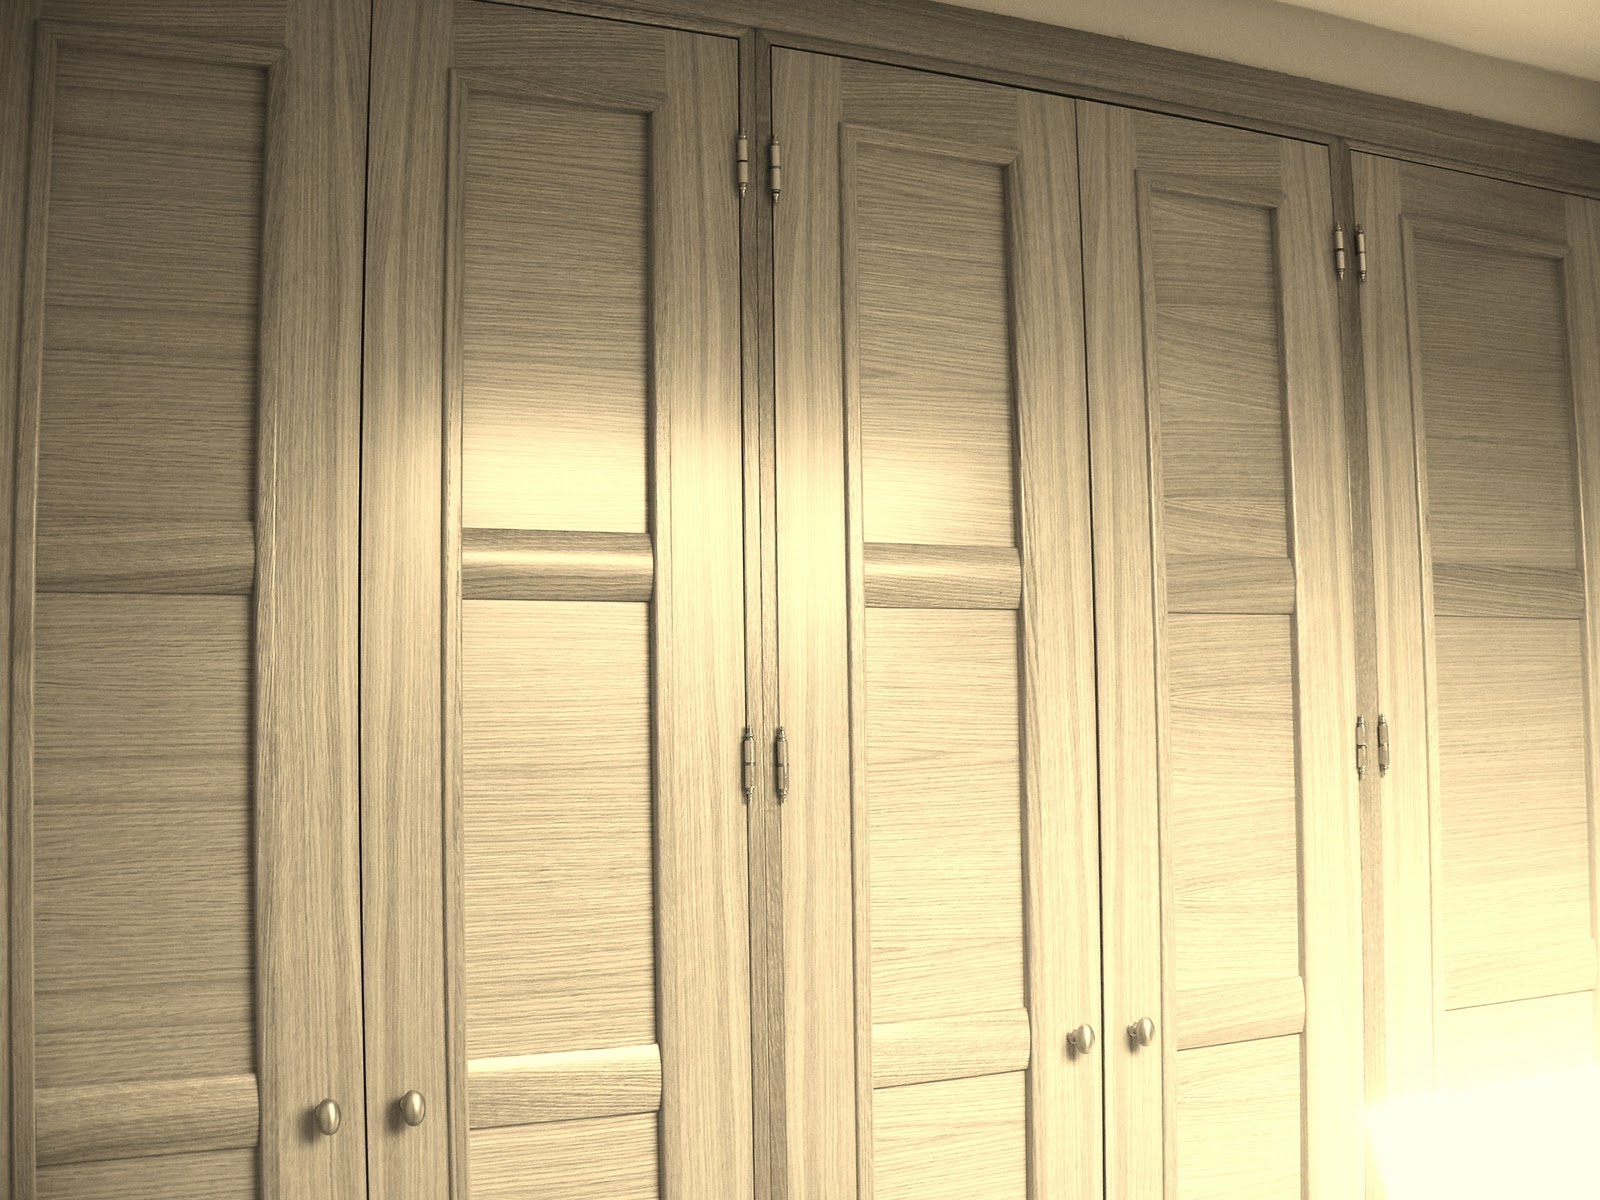 Armarios vestidores puertas y tarimas armarios - Tarimas y puertas ...